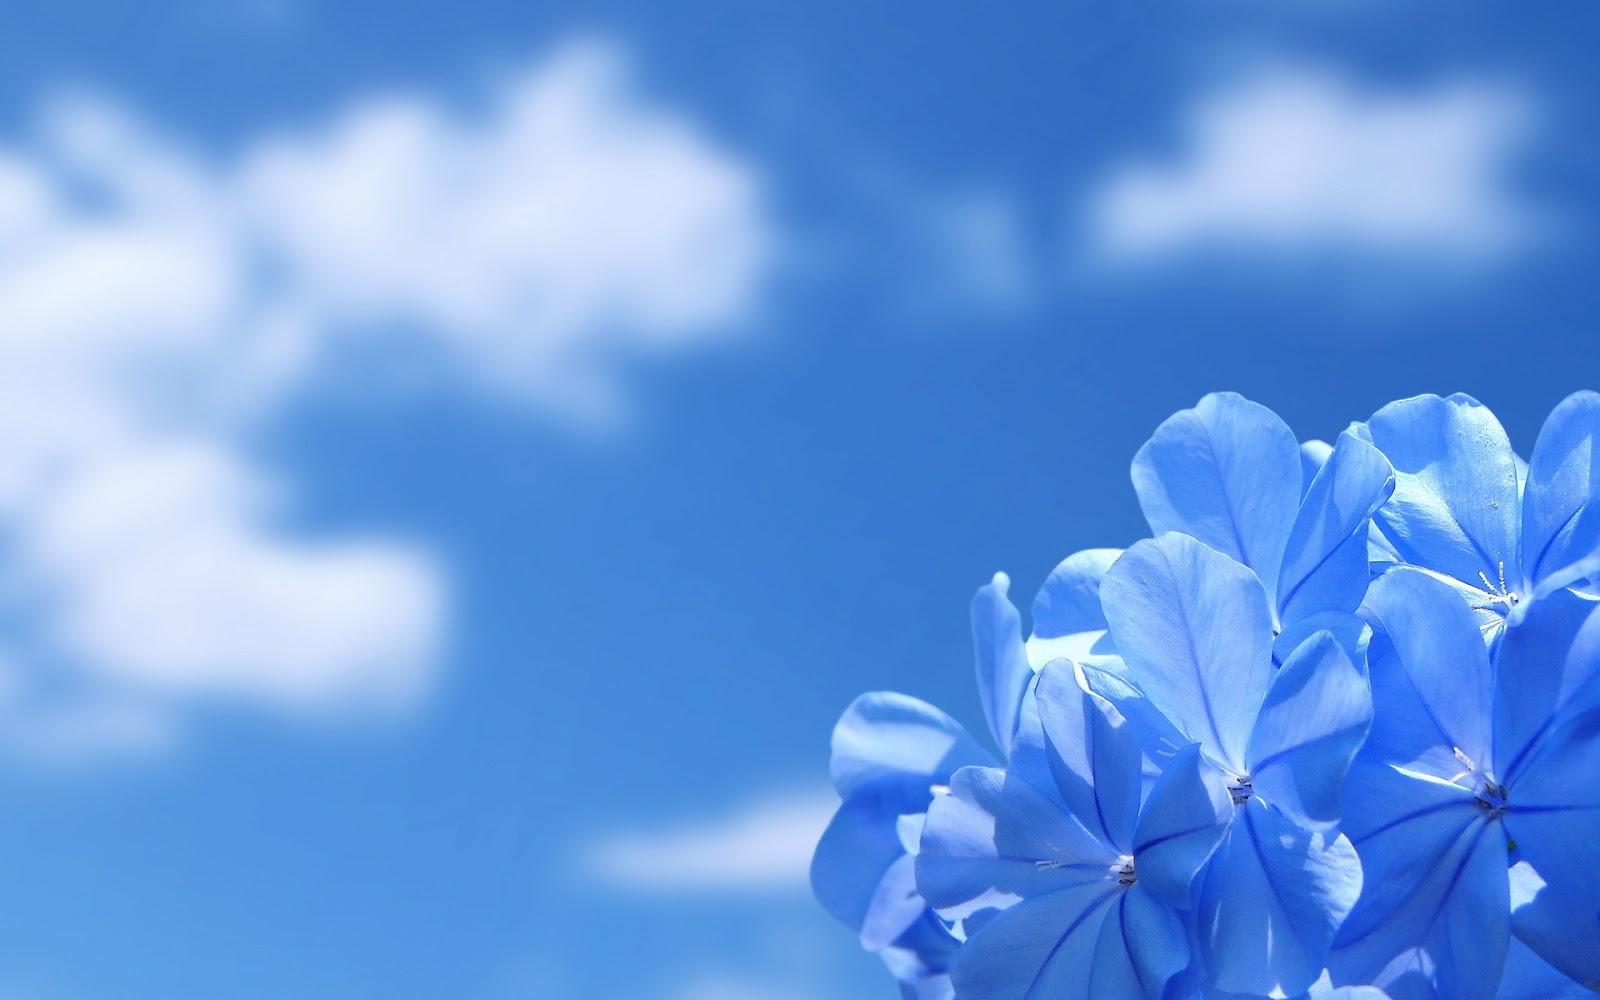 hinh-nen-dep-anh-nen-hoa-dep-Flower-wallpaper-1